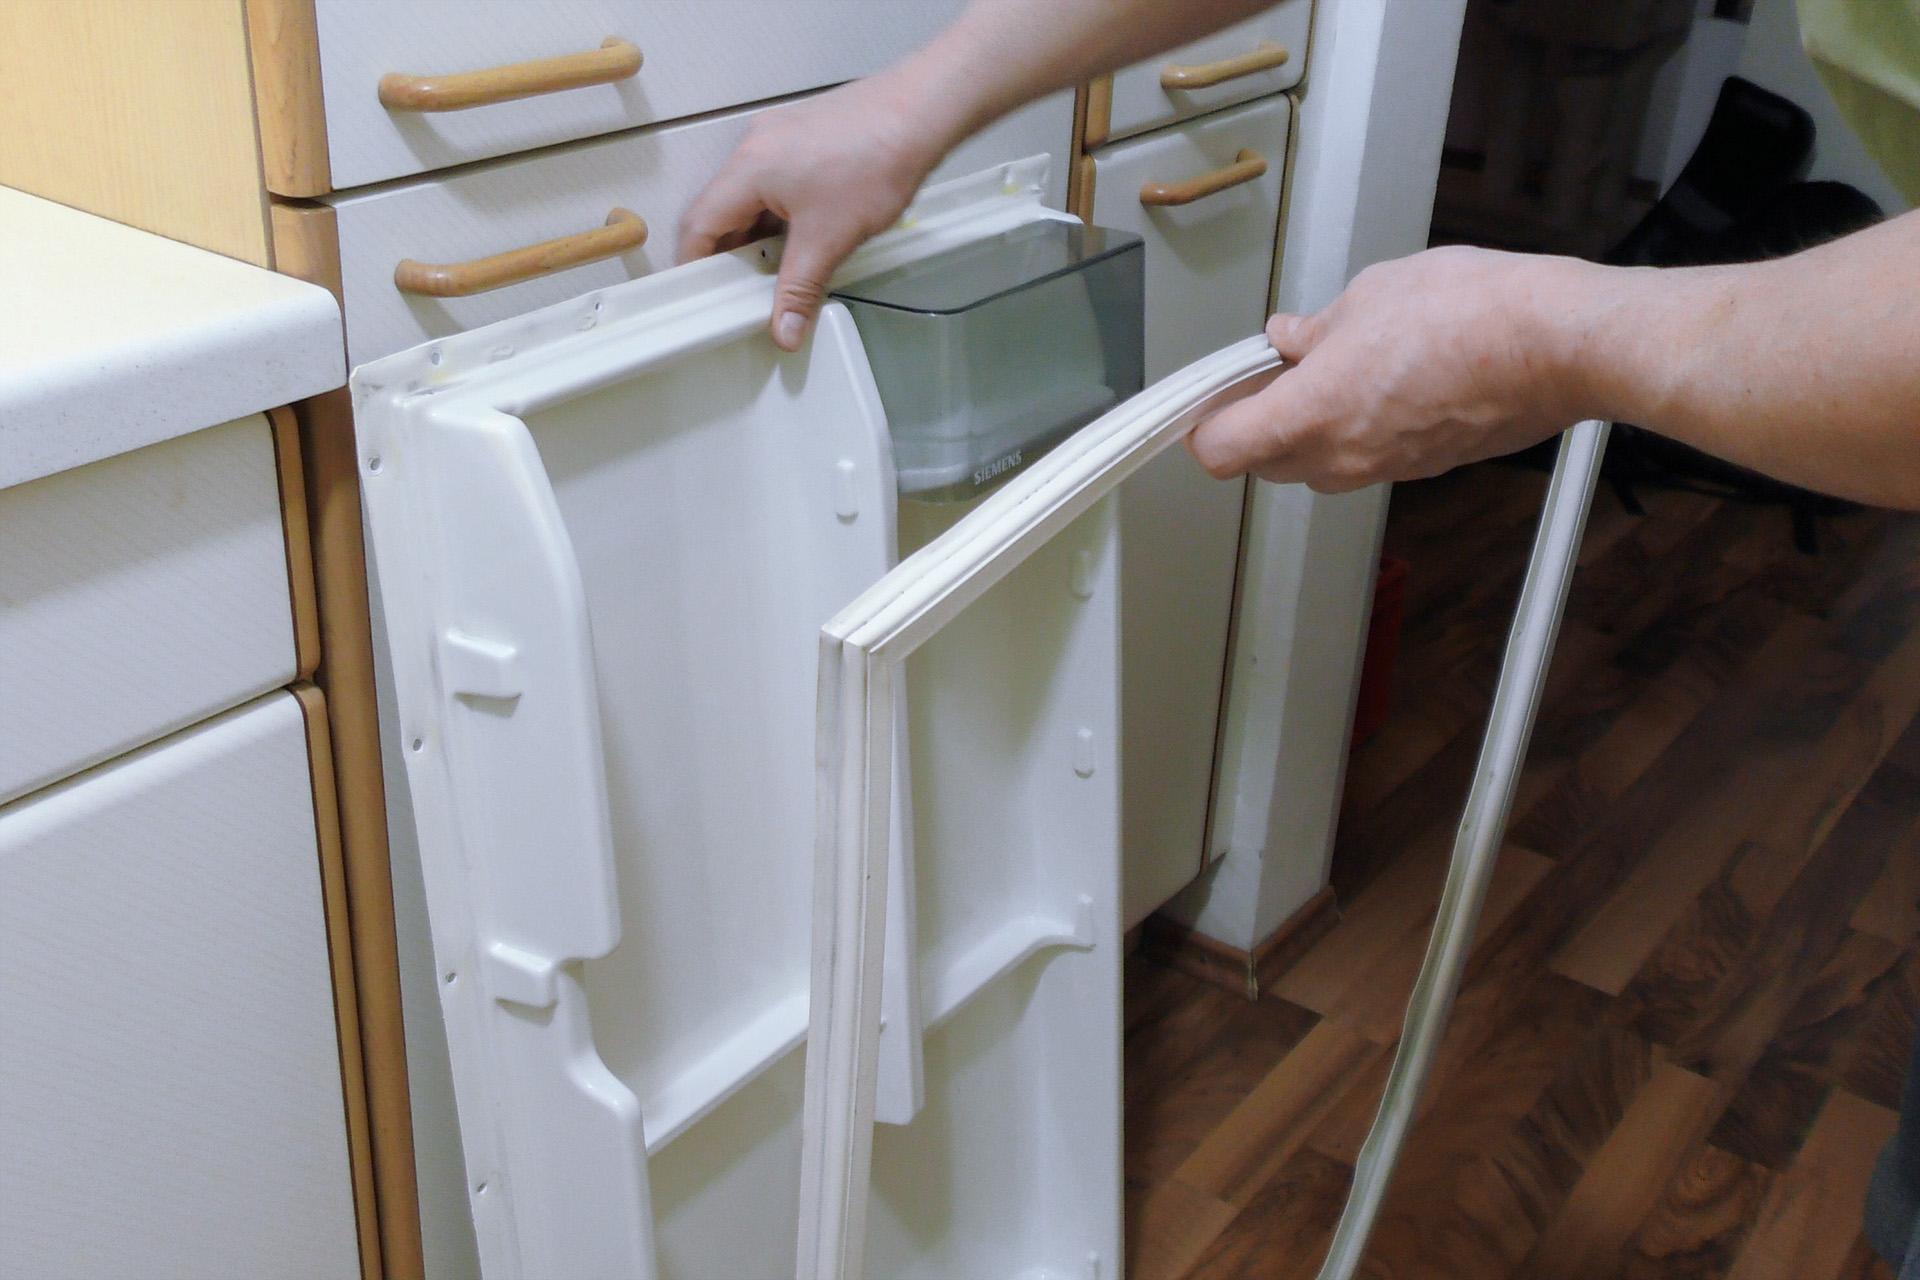 Siemens Kühlschrank Wasser Unter Gemüsefach : Kühlschrankdichtung wechseln türdichtung anleitung diybook